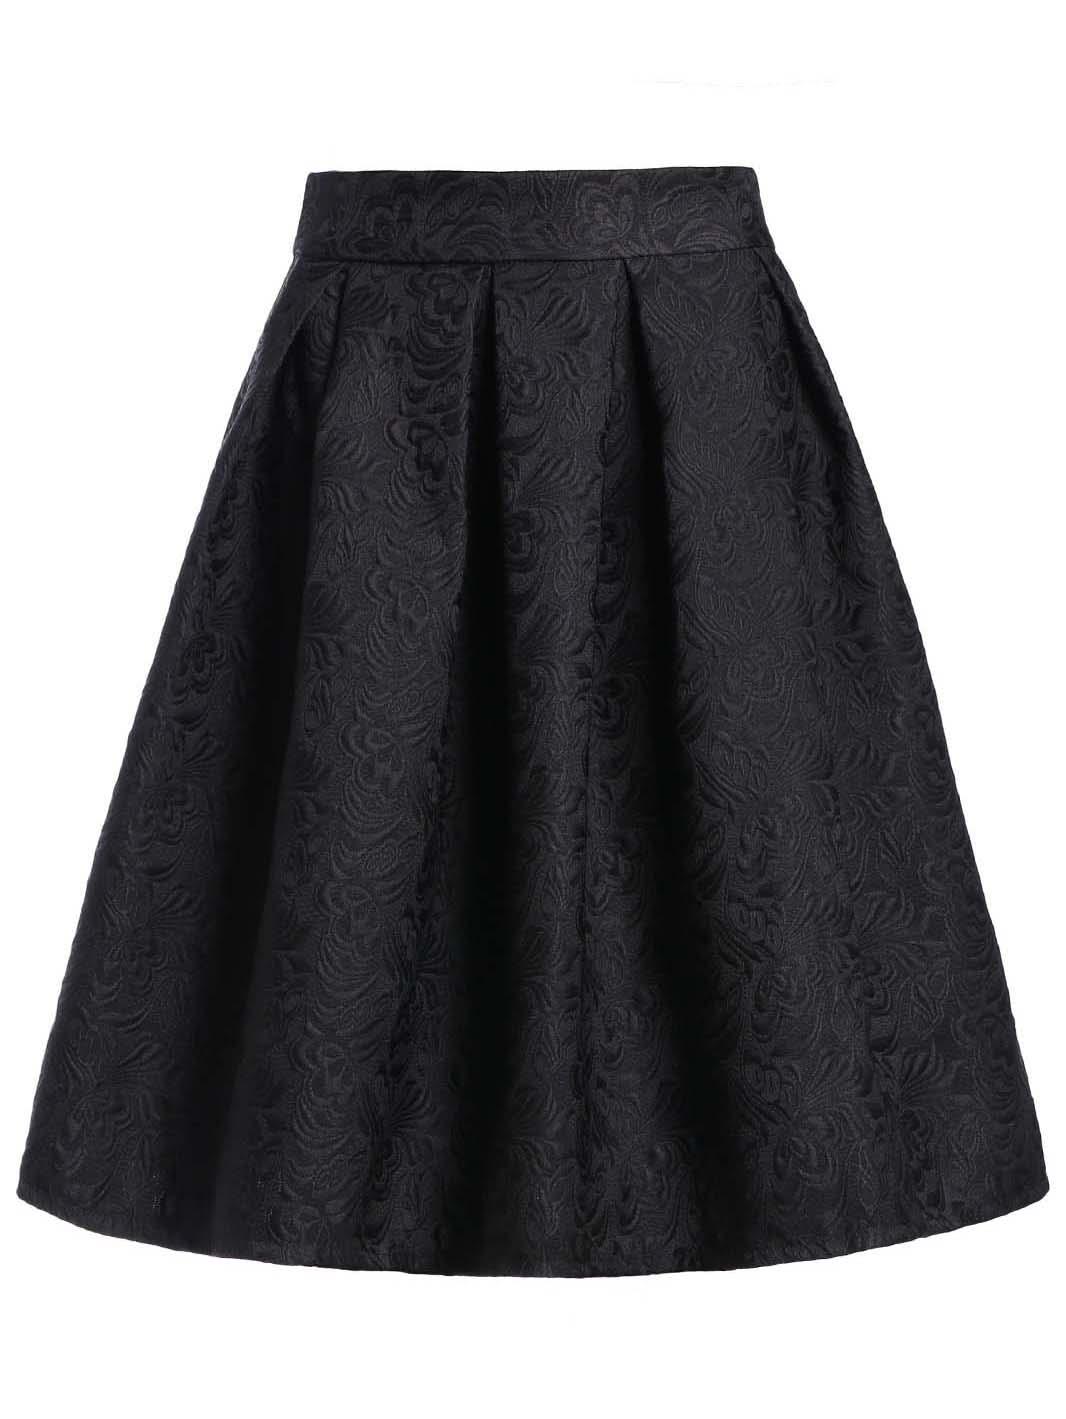 Фото Jacquard Box Pleated Skirt. Купить с доставкой